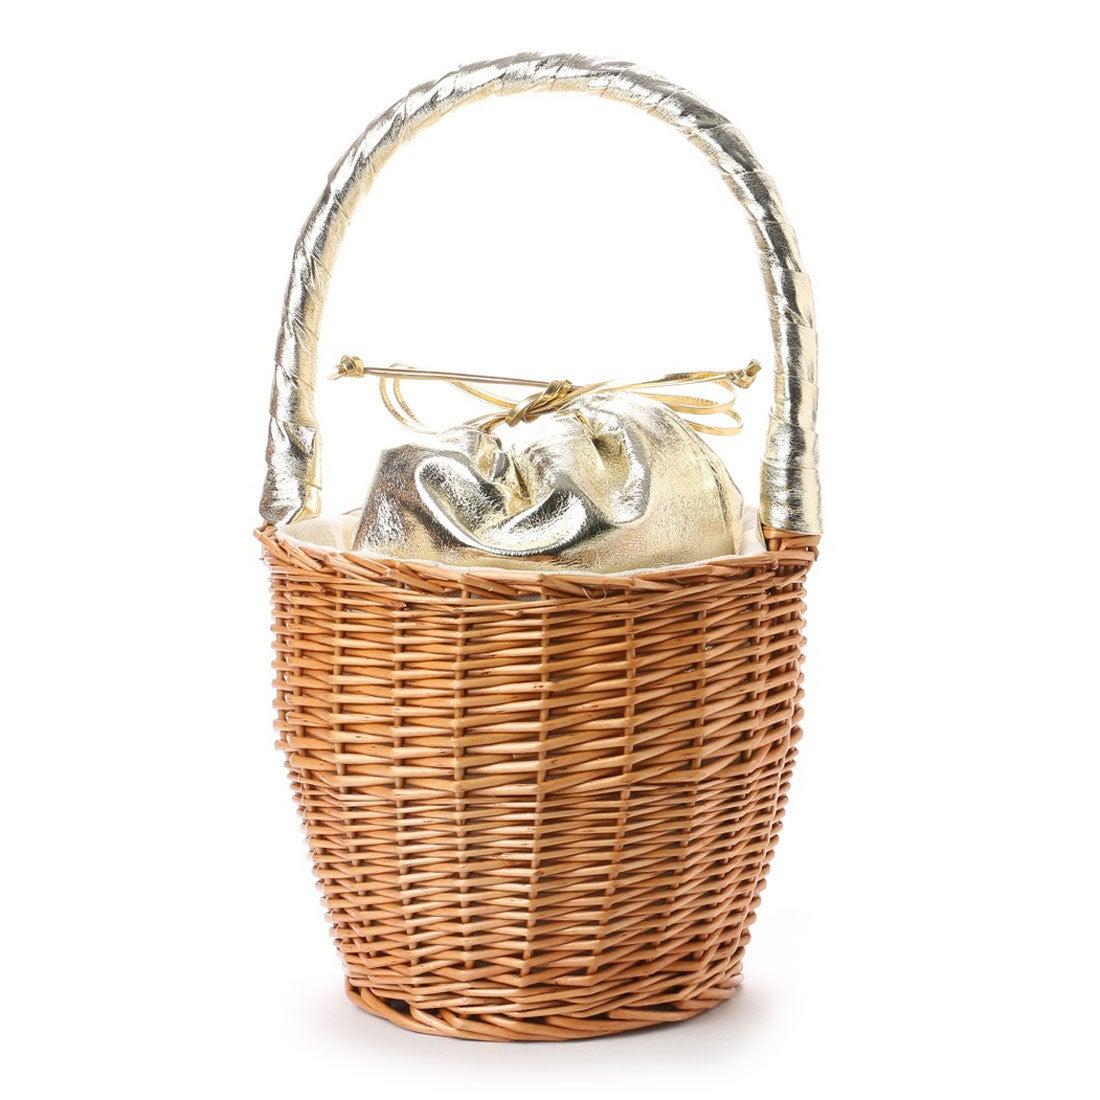 【EVOL】ILIMA Casselini メタリック巾着かごバッグ (ゴールド) レディース